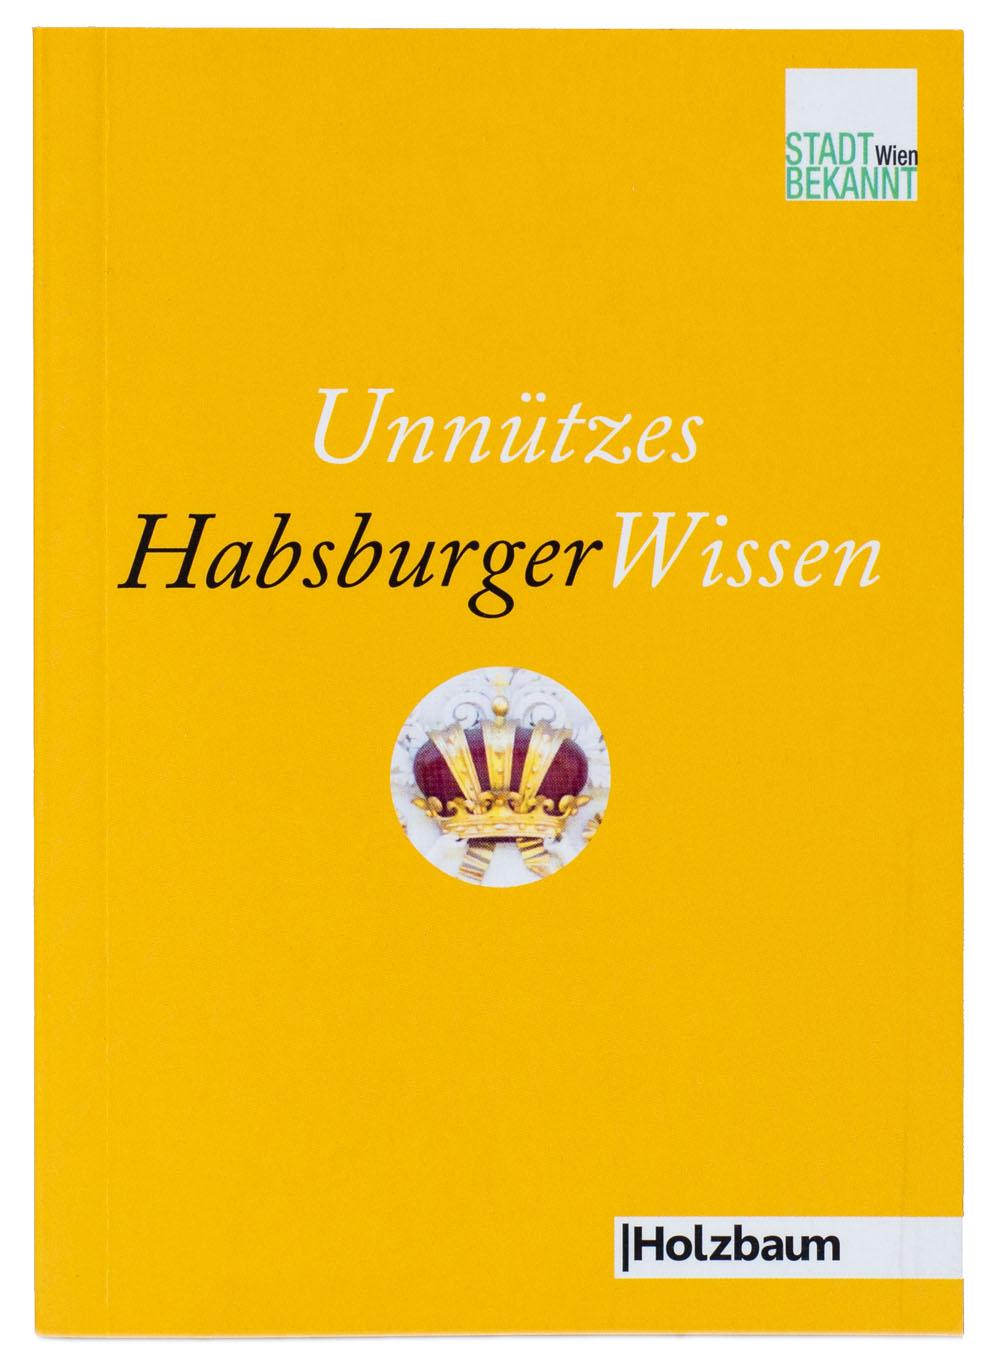 Unnützes HabsburgWissen (c) STADTBEKANNT